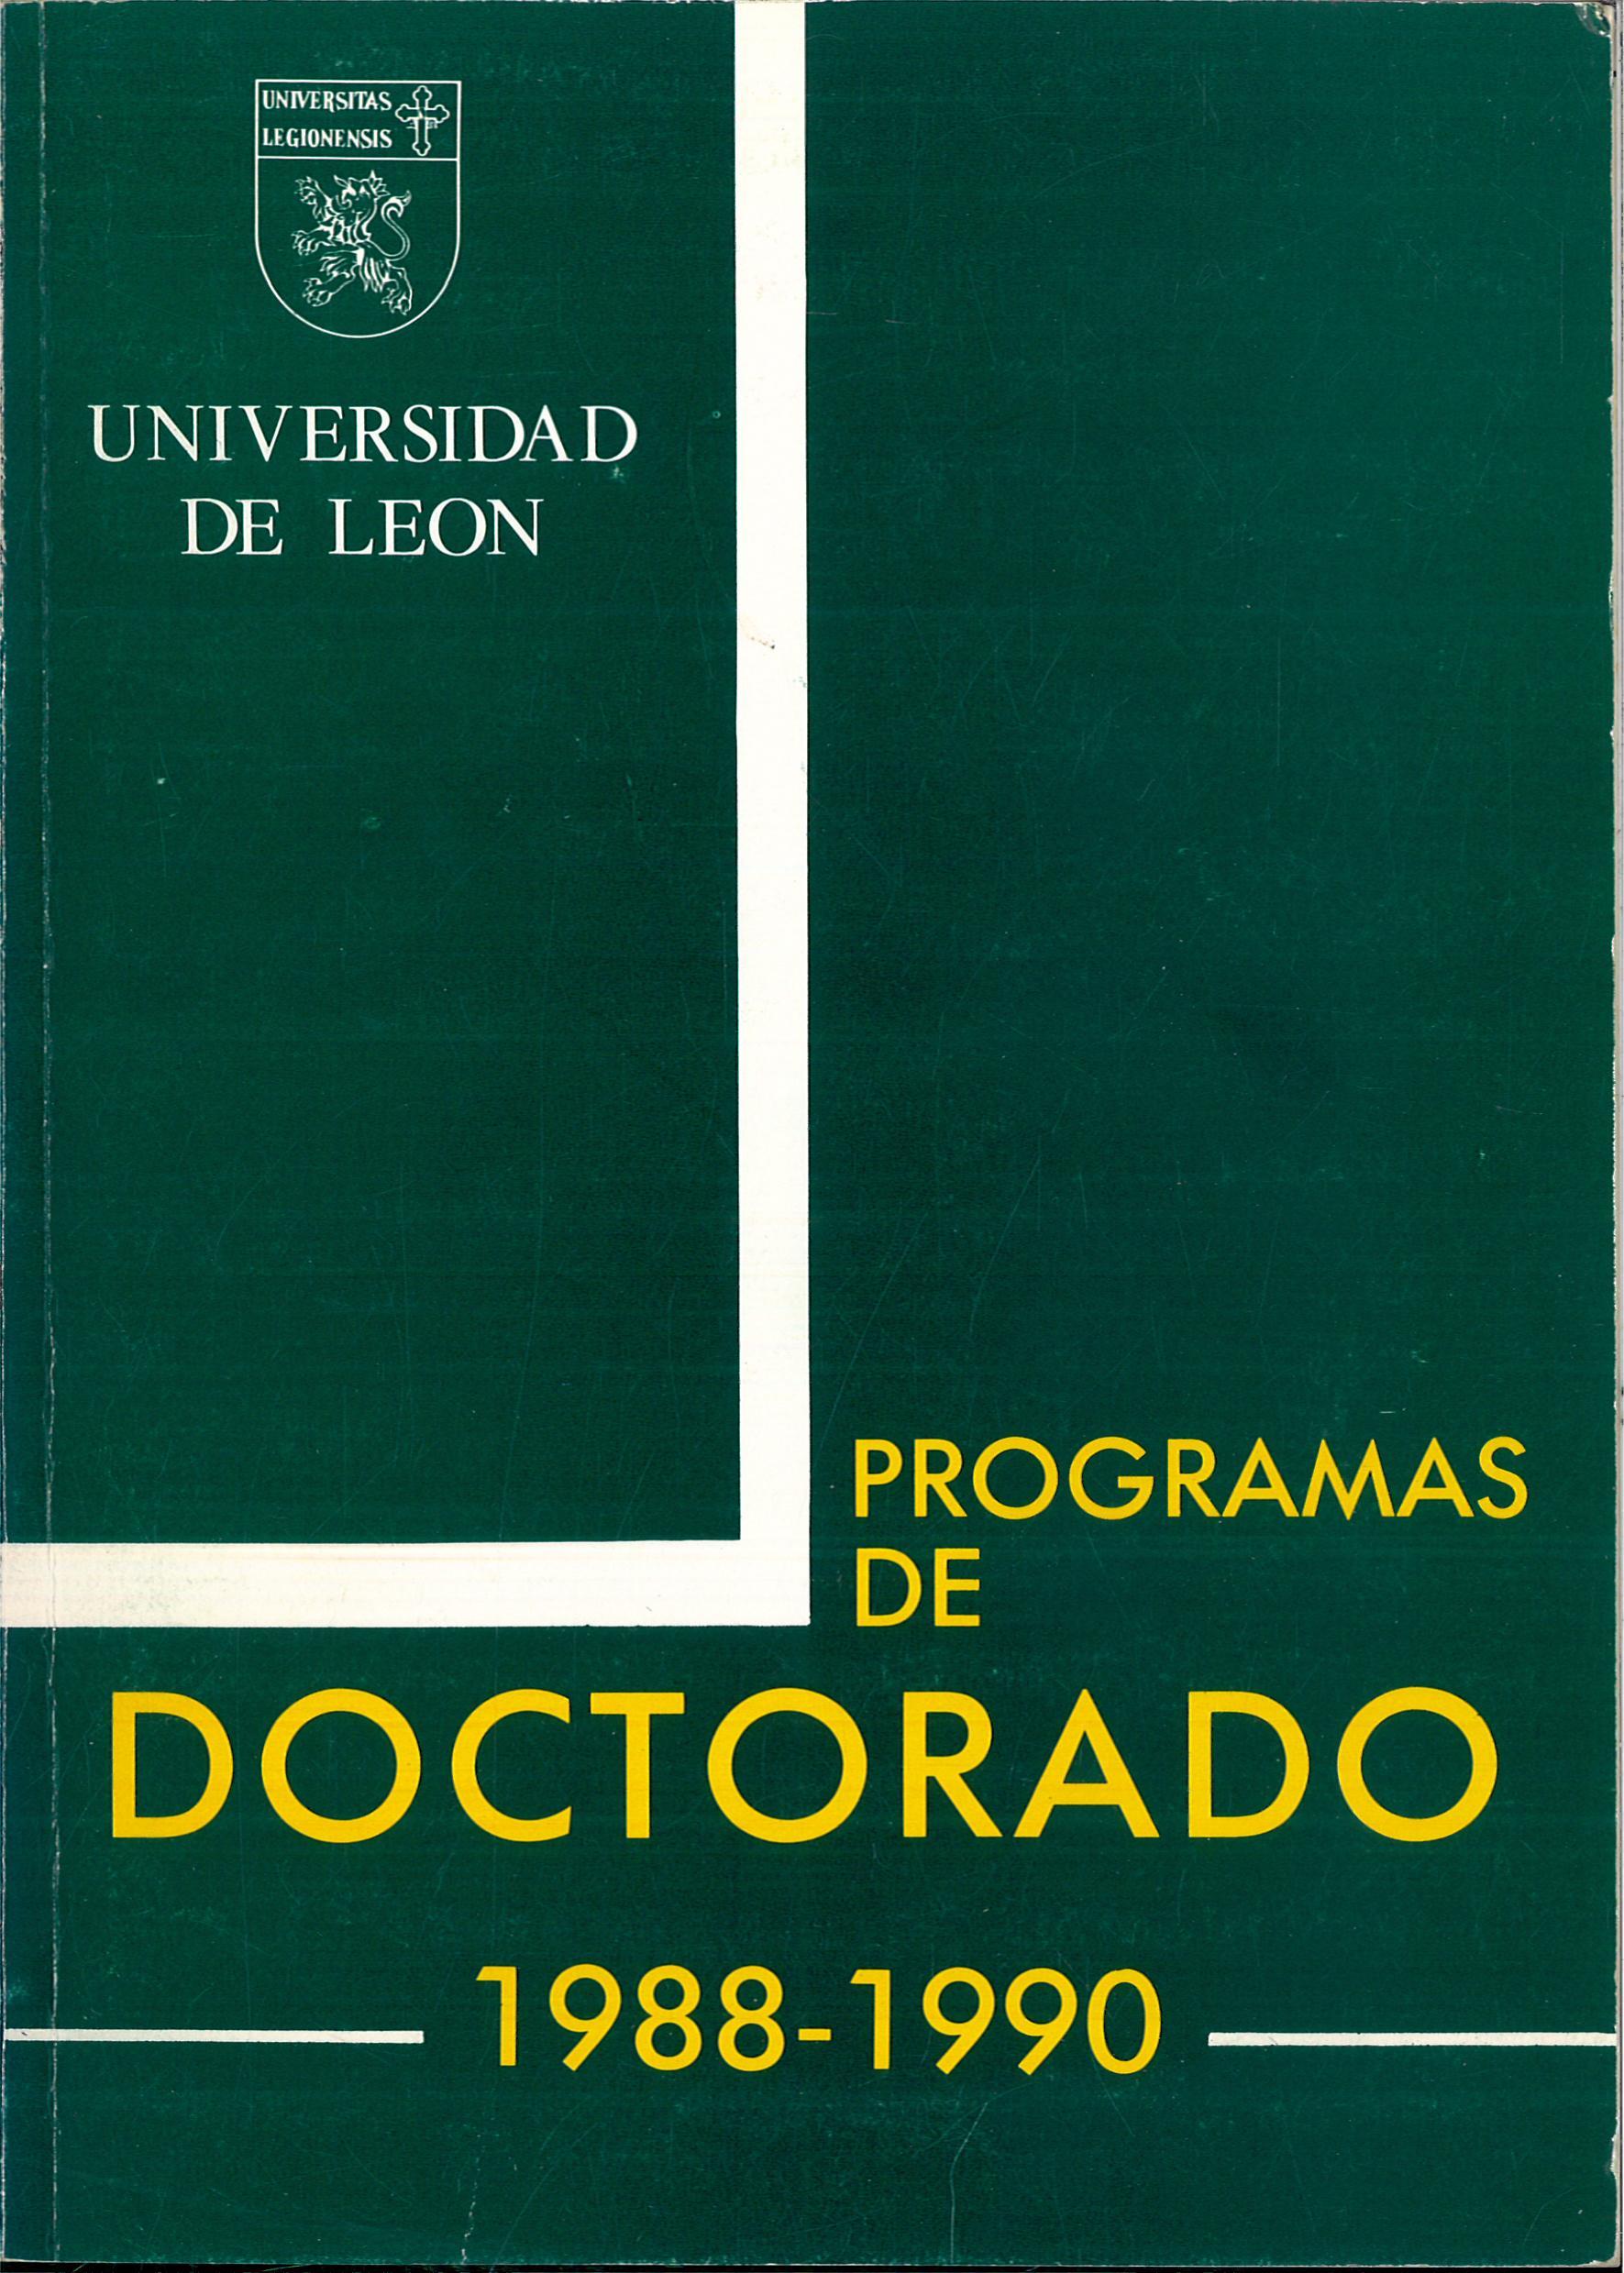 Portada del libro: «LOS PROGRAMAS DE DOCTORADO 1988-1990».